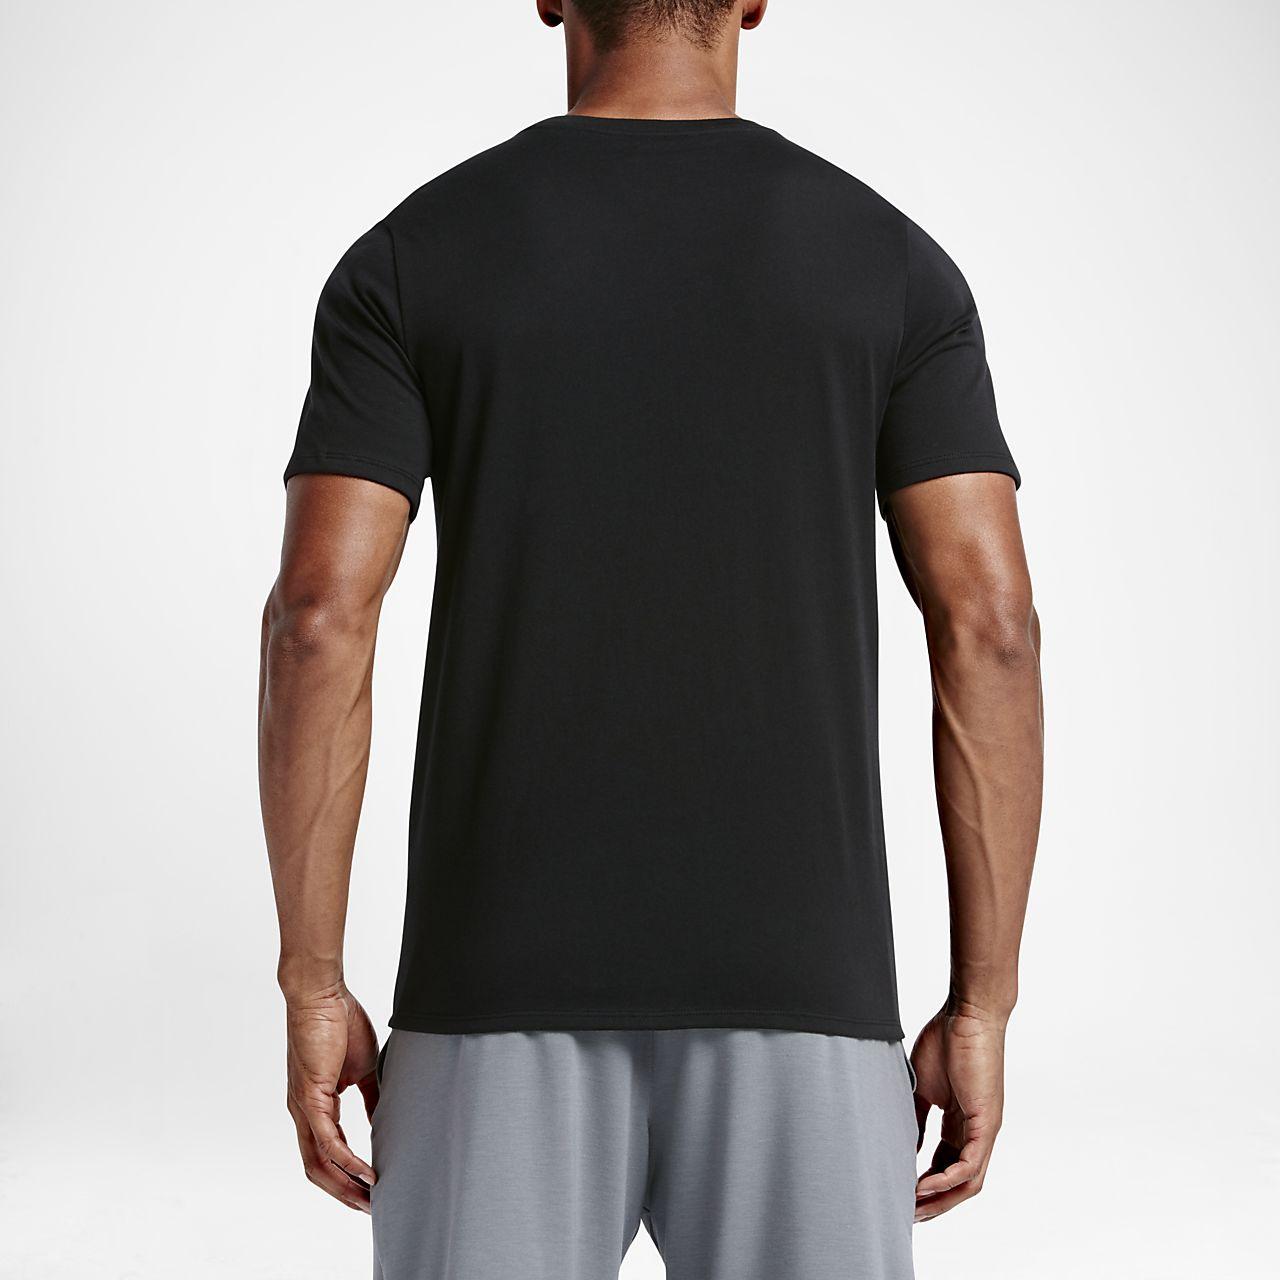 672b8b5b788b1 ... Tee-shirt de training à manches courtes Nike Dri-FIT pour Homme